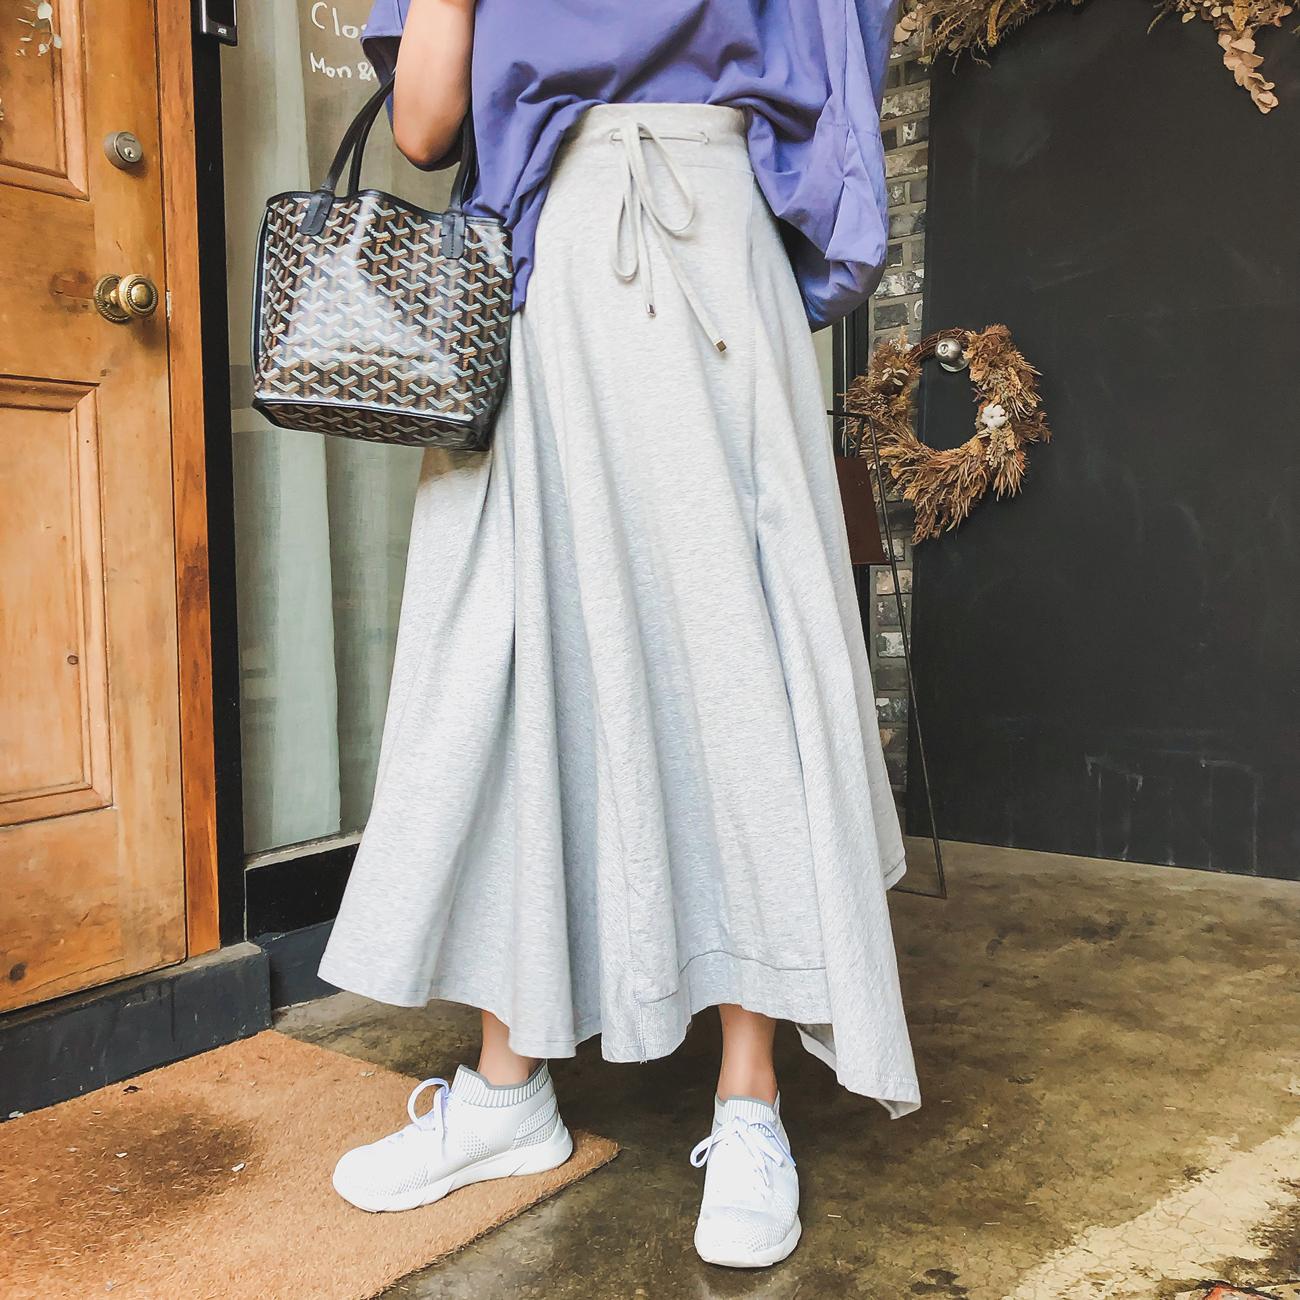 豆腐小姐大码胖mm灰色棉质中长款半身裙胖人裙子夏胖女生夏装女装